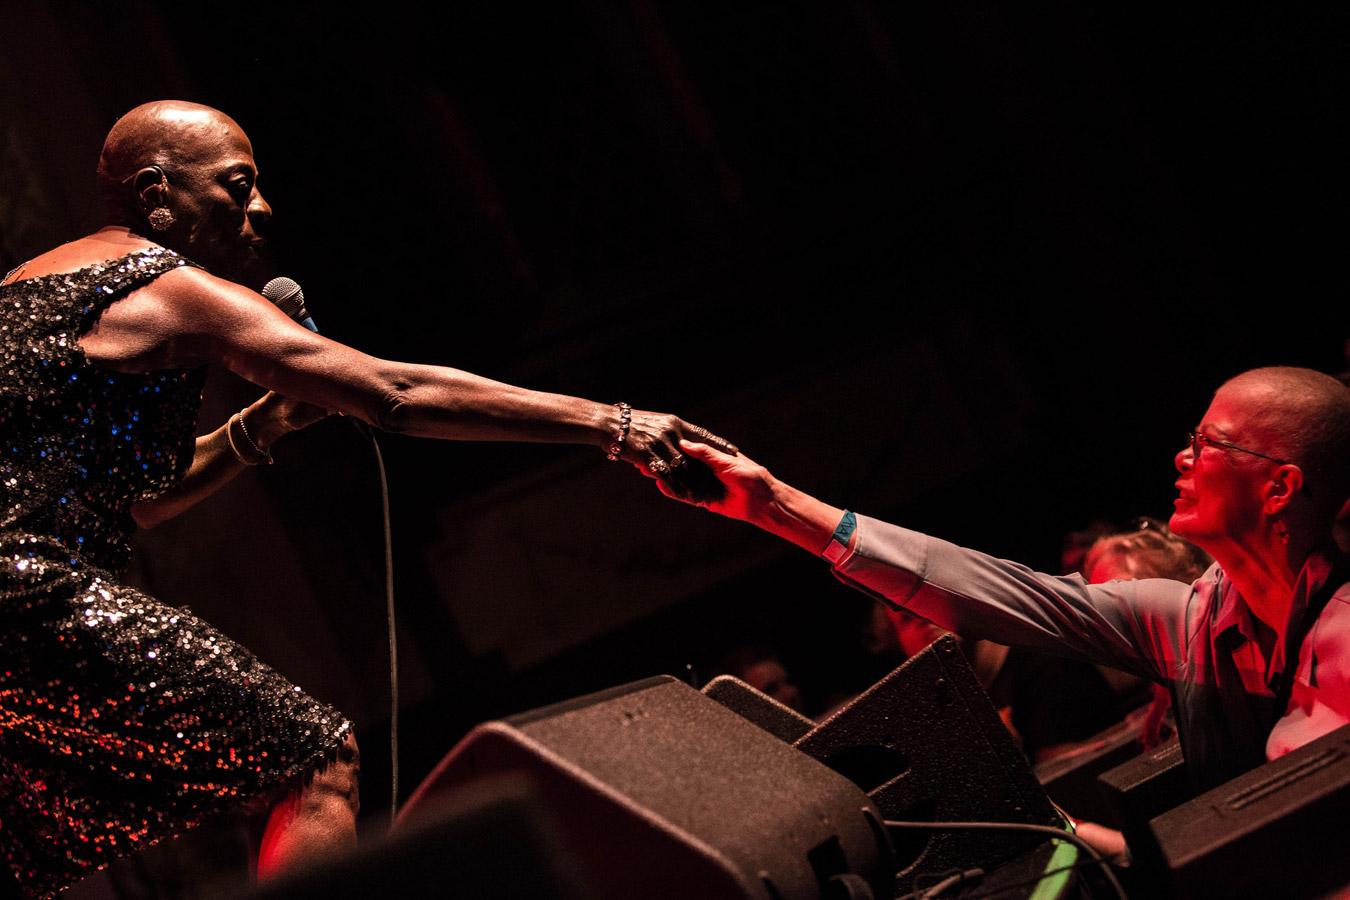 «Мисс Шарон Джонс», © Джеффри Нойбауэр / Jeffrey Neubauer, Миссула, США, Победитель зрительского голосования, Фотоконкурс «Момент музыки»